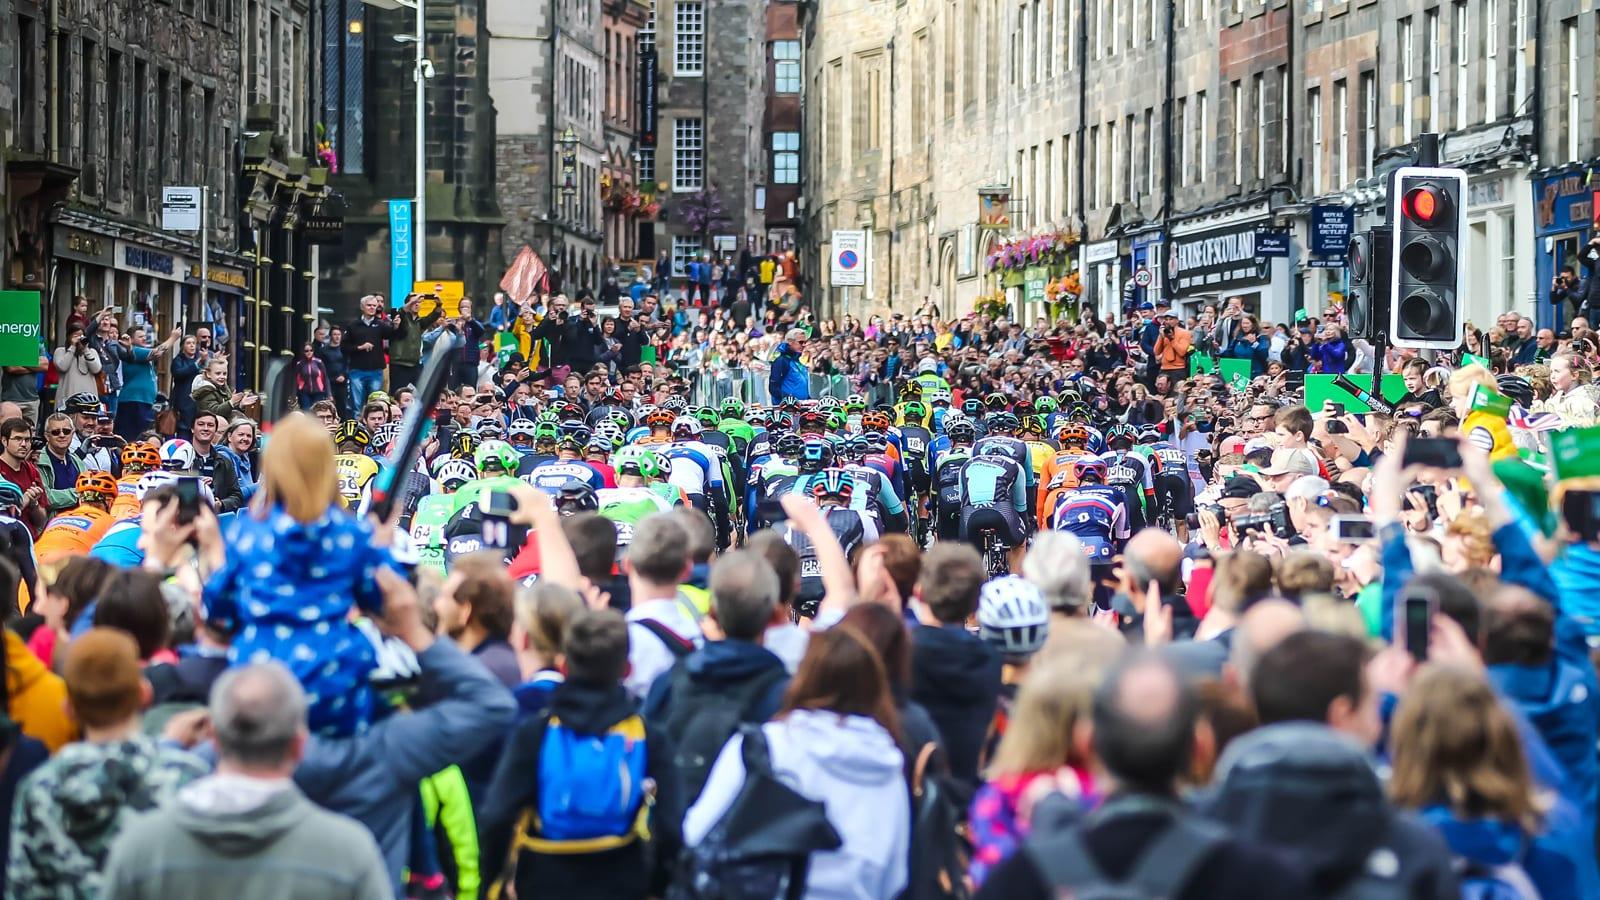 Tour of Britain Edinburgh 2021